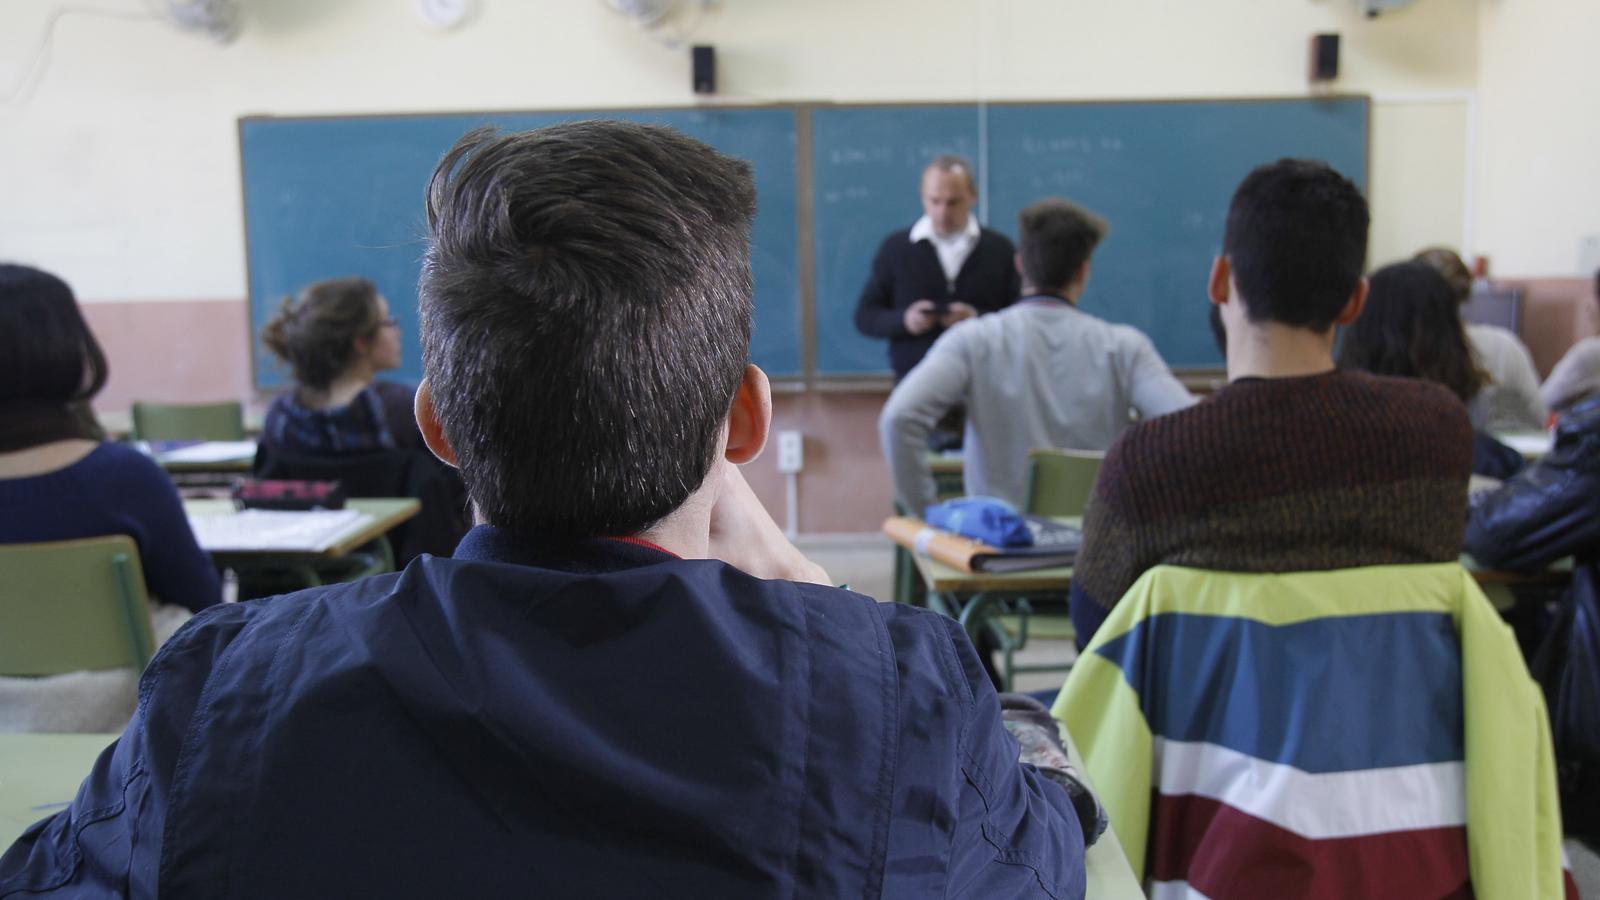 Els centres educatius de les Balears podran comptar amb la figura del docent mentor a partir del proper curs